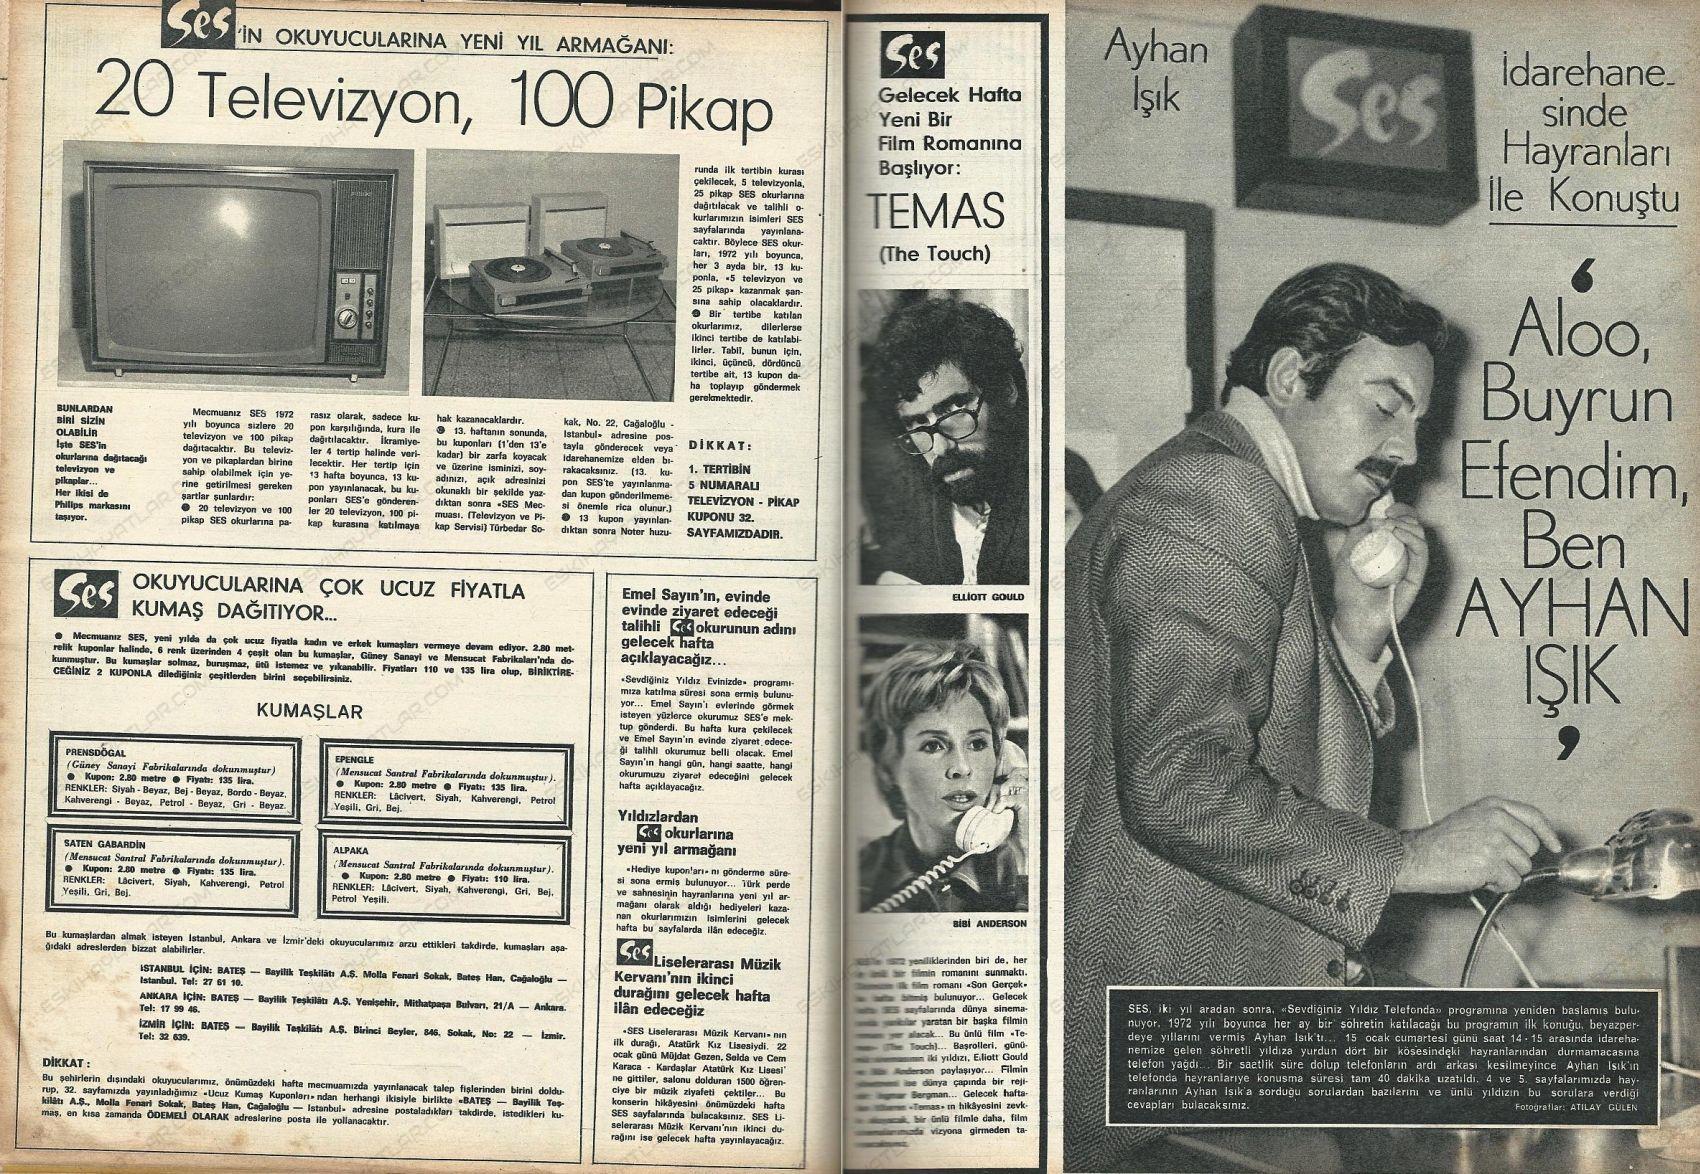 0141-ayhan-isik-hayranlariyla-telefon-gorusmesinde-1972-ses-dergisi-arsivleri (5)